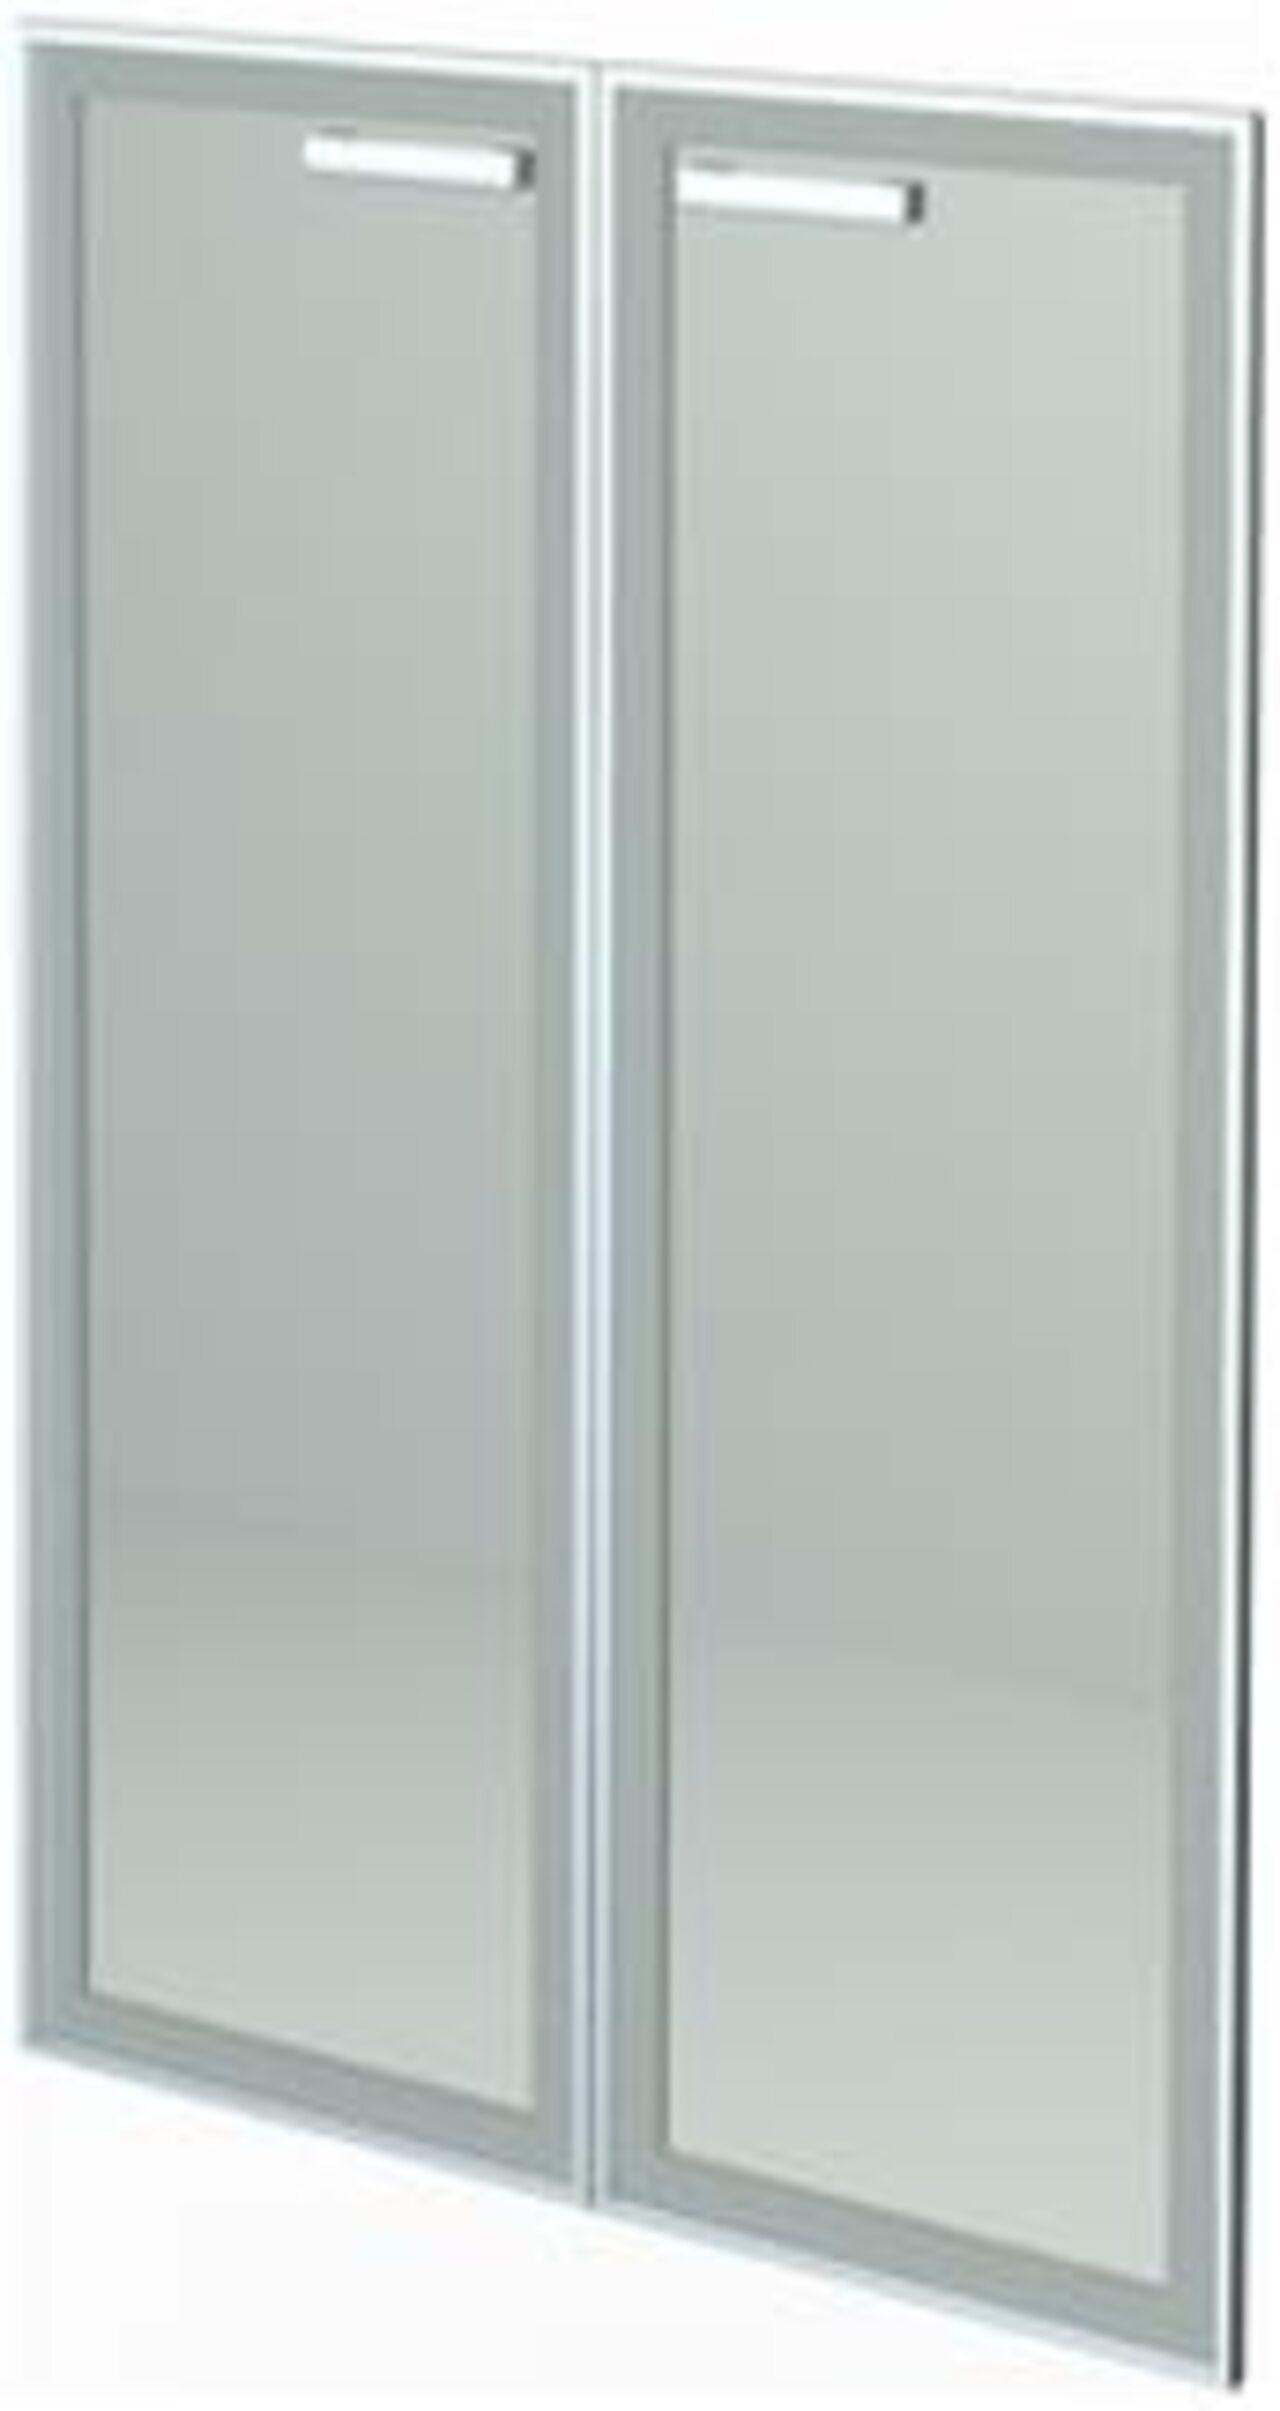 Двери средние стеклянные в алюминиевой раме HT-601.2.СР.Ф сатинат - фото 2